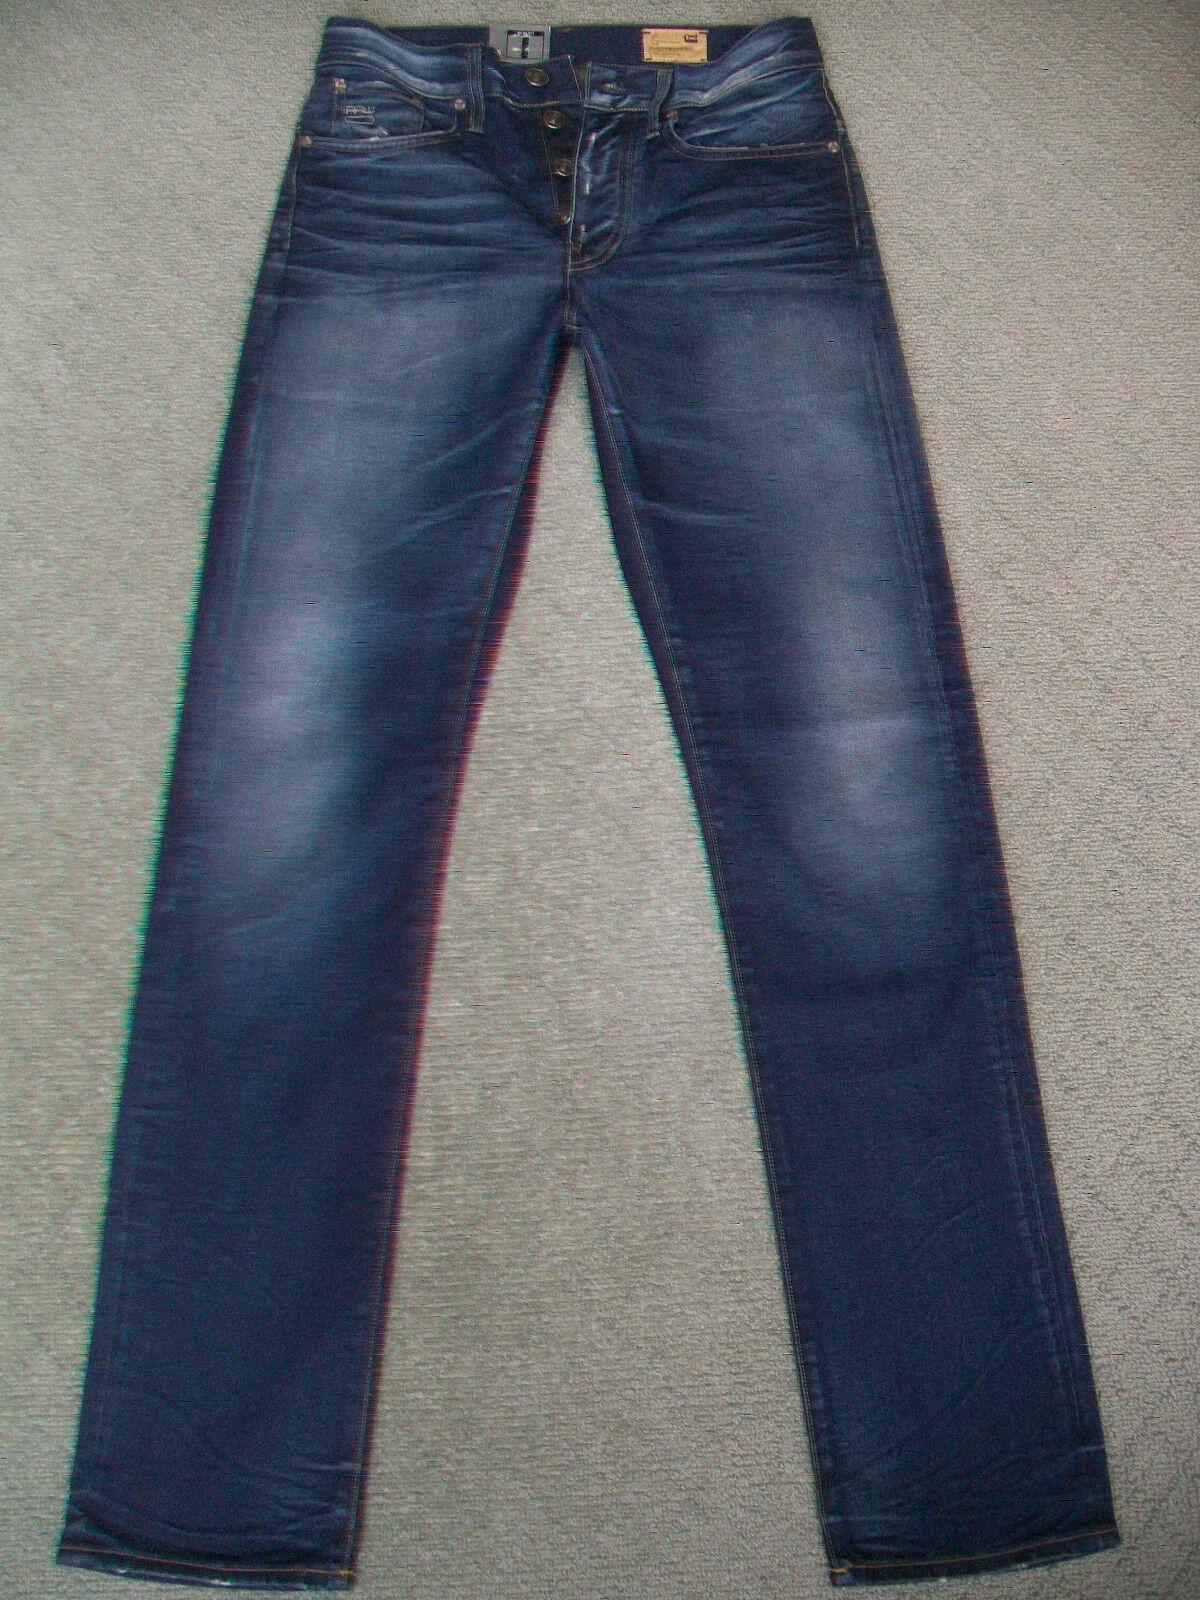 d305b45fc5 MENS G STAR  3301 SLIM  JEANS BNWOT - 29 L SIZE - nsoivp3706-Jeans ...